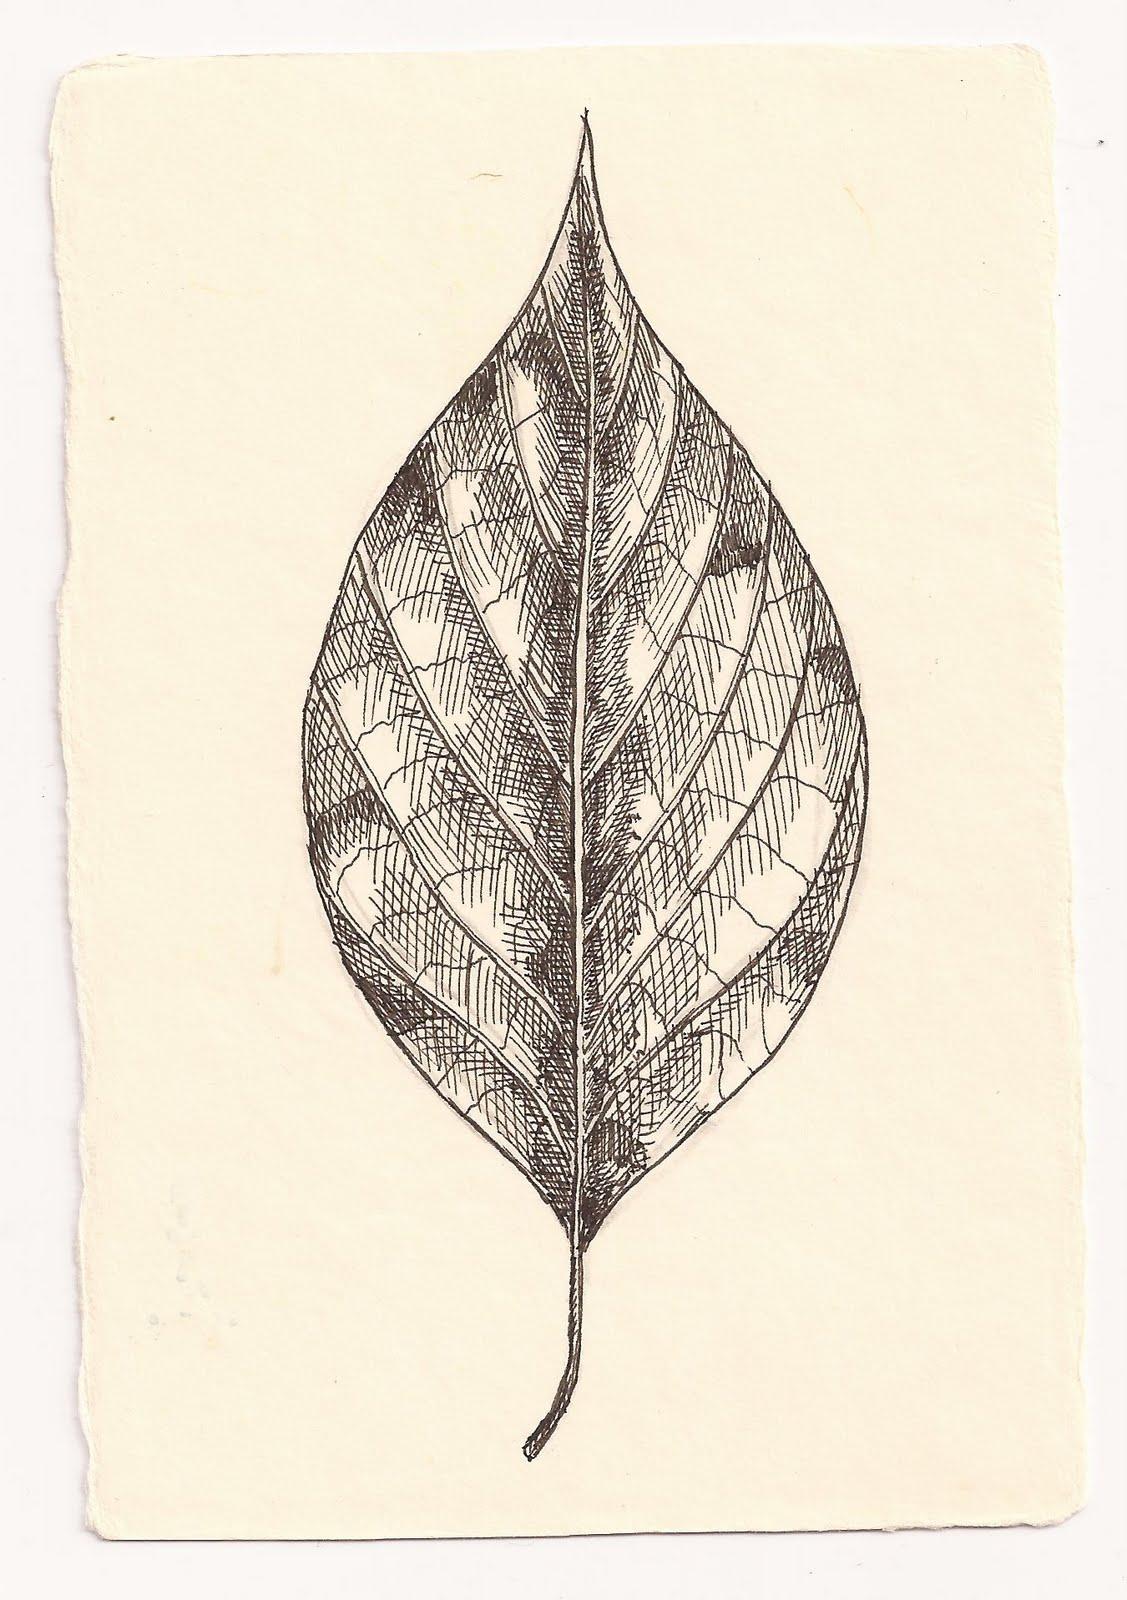 Dessins d 39 une me feuille de cornouiller feuilles alternes - Dessin d une feuille ...